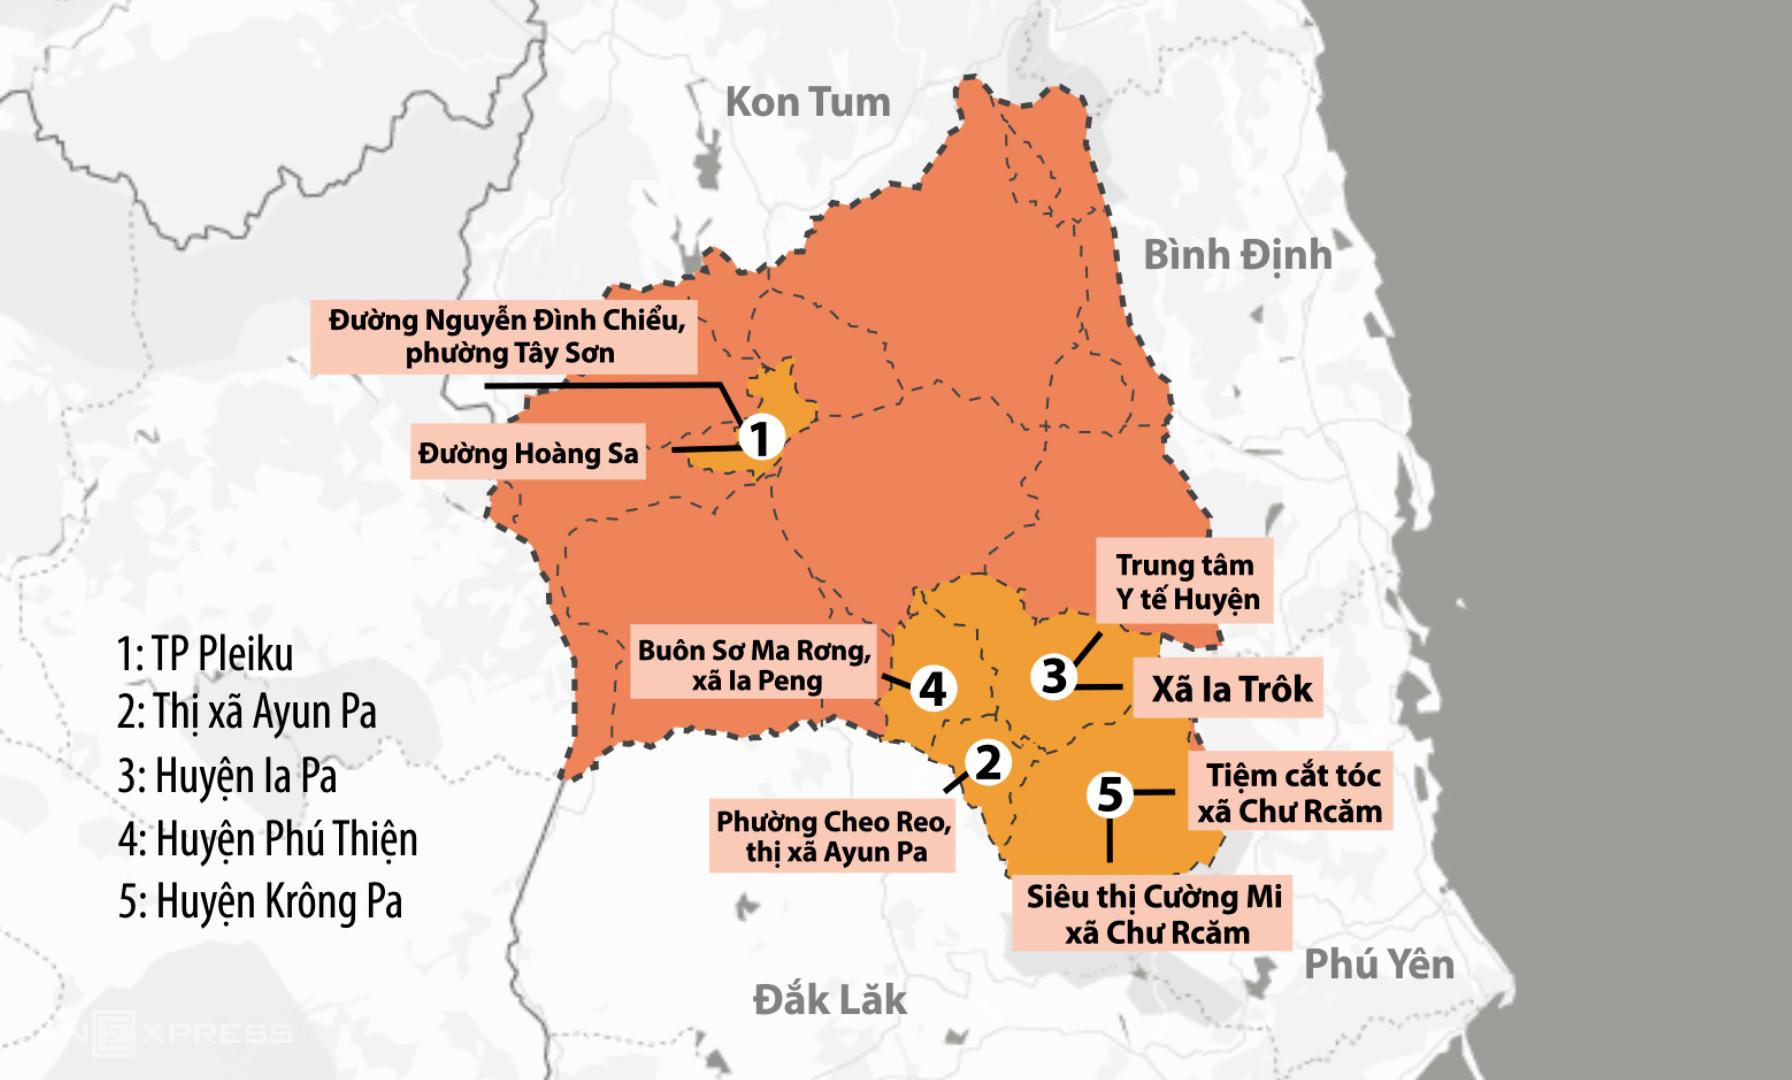 8 khu vực bị phong tỏa ở Gia Lai do có bệnh nhân Covid-19. Đồ họa: Thanh Nhàn